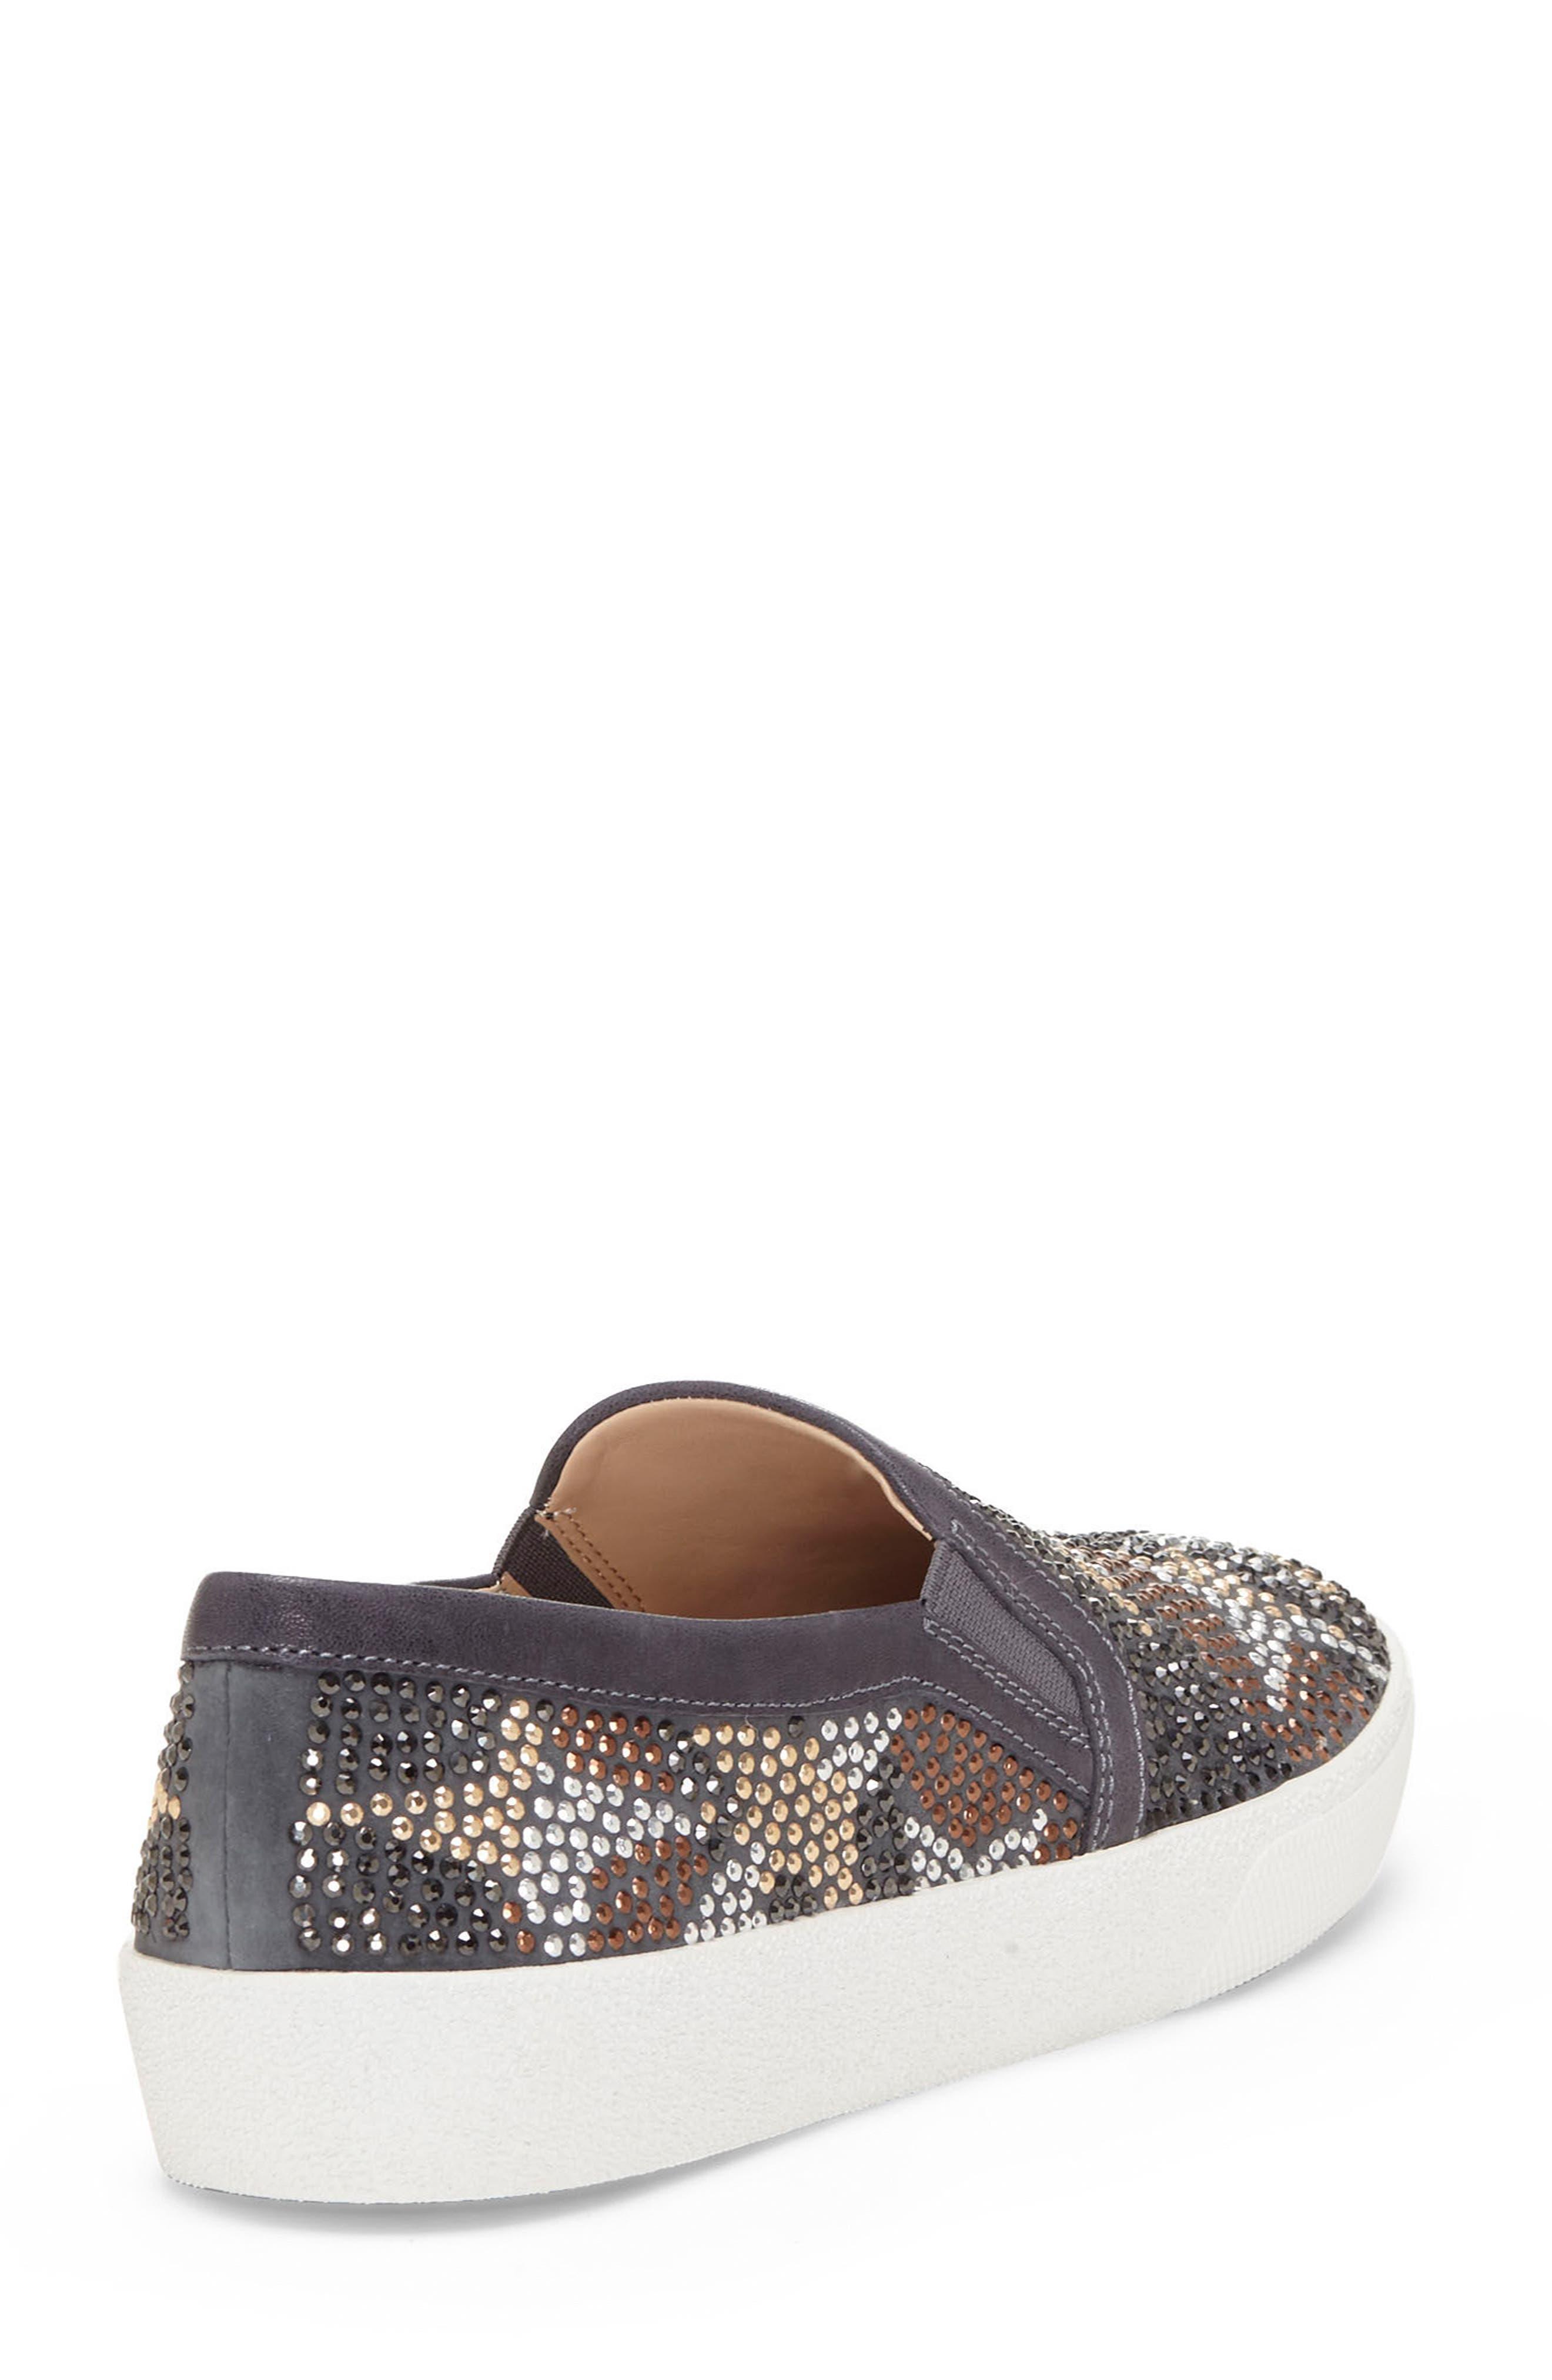 Canita Slip-On Sneaker,                             Alternate thumbnail 5, color,